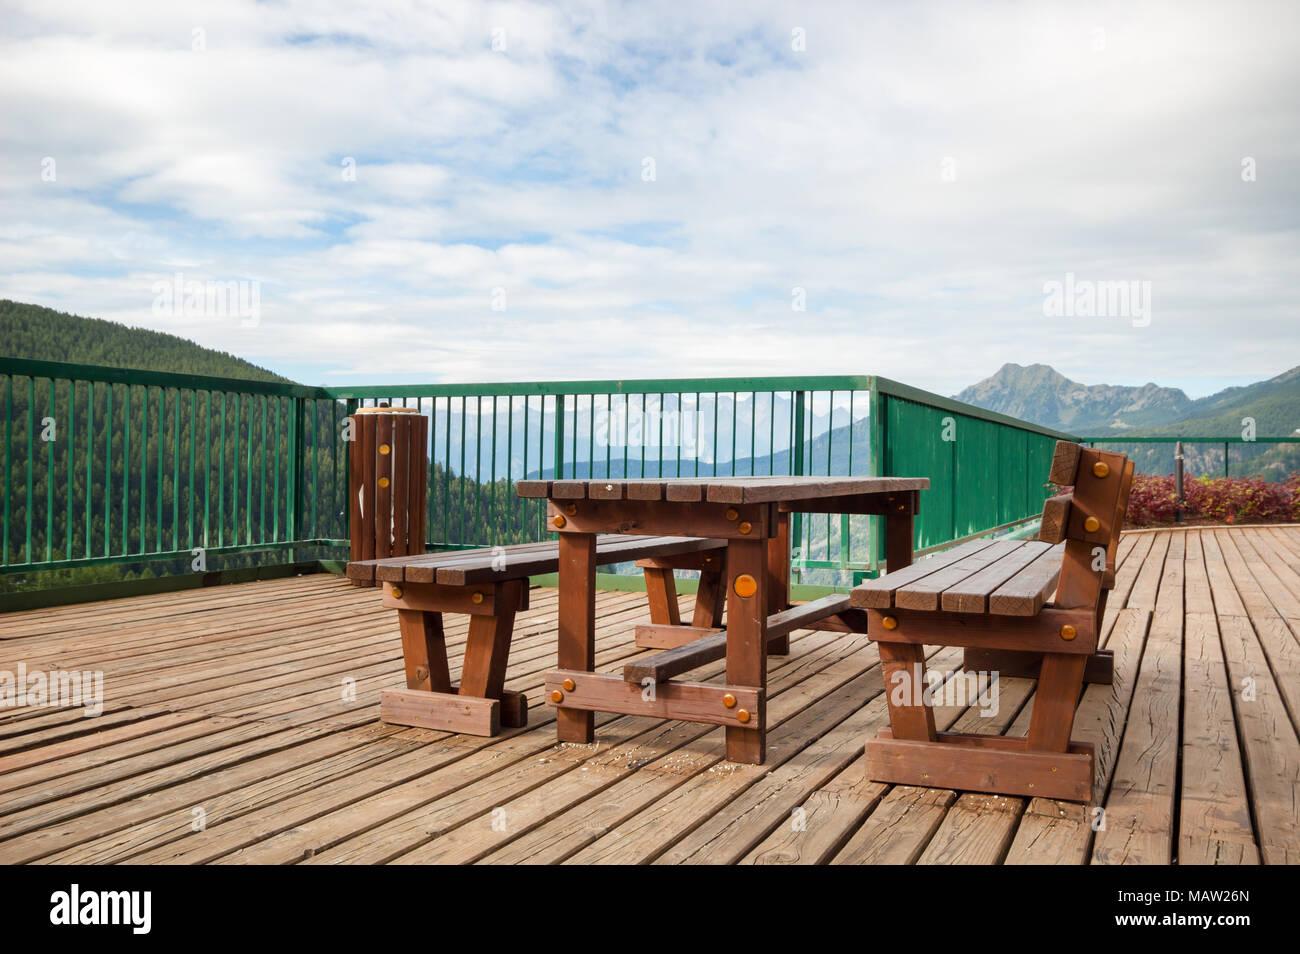 Outdoor Holz Bank Stuhl Und Tisch Holz Auf Holz Fußboden In Der Balkon Mit  Berg  Landschaft Im Sommer Natürlichen Hintergrund.